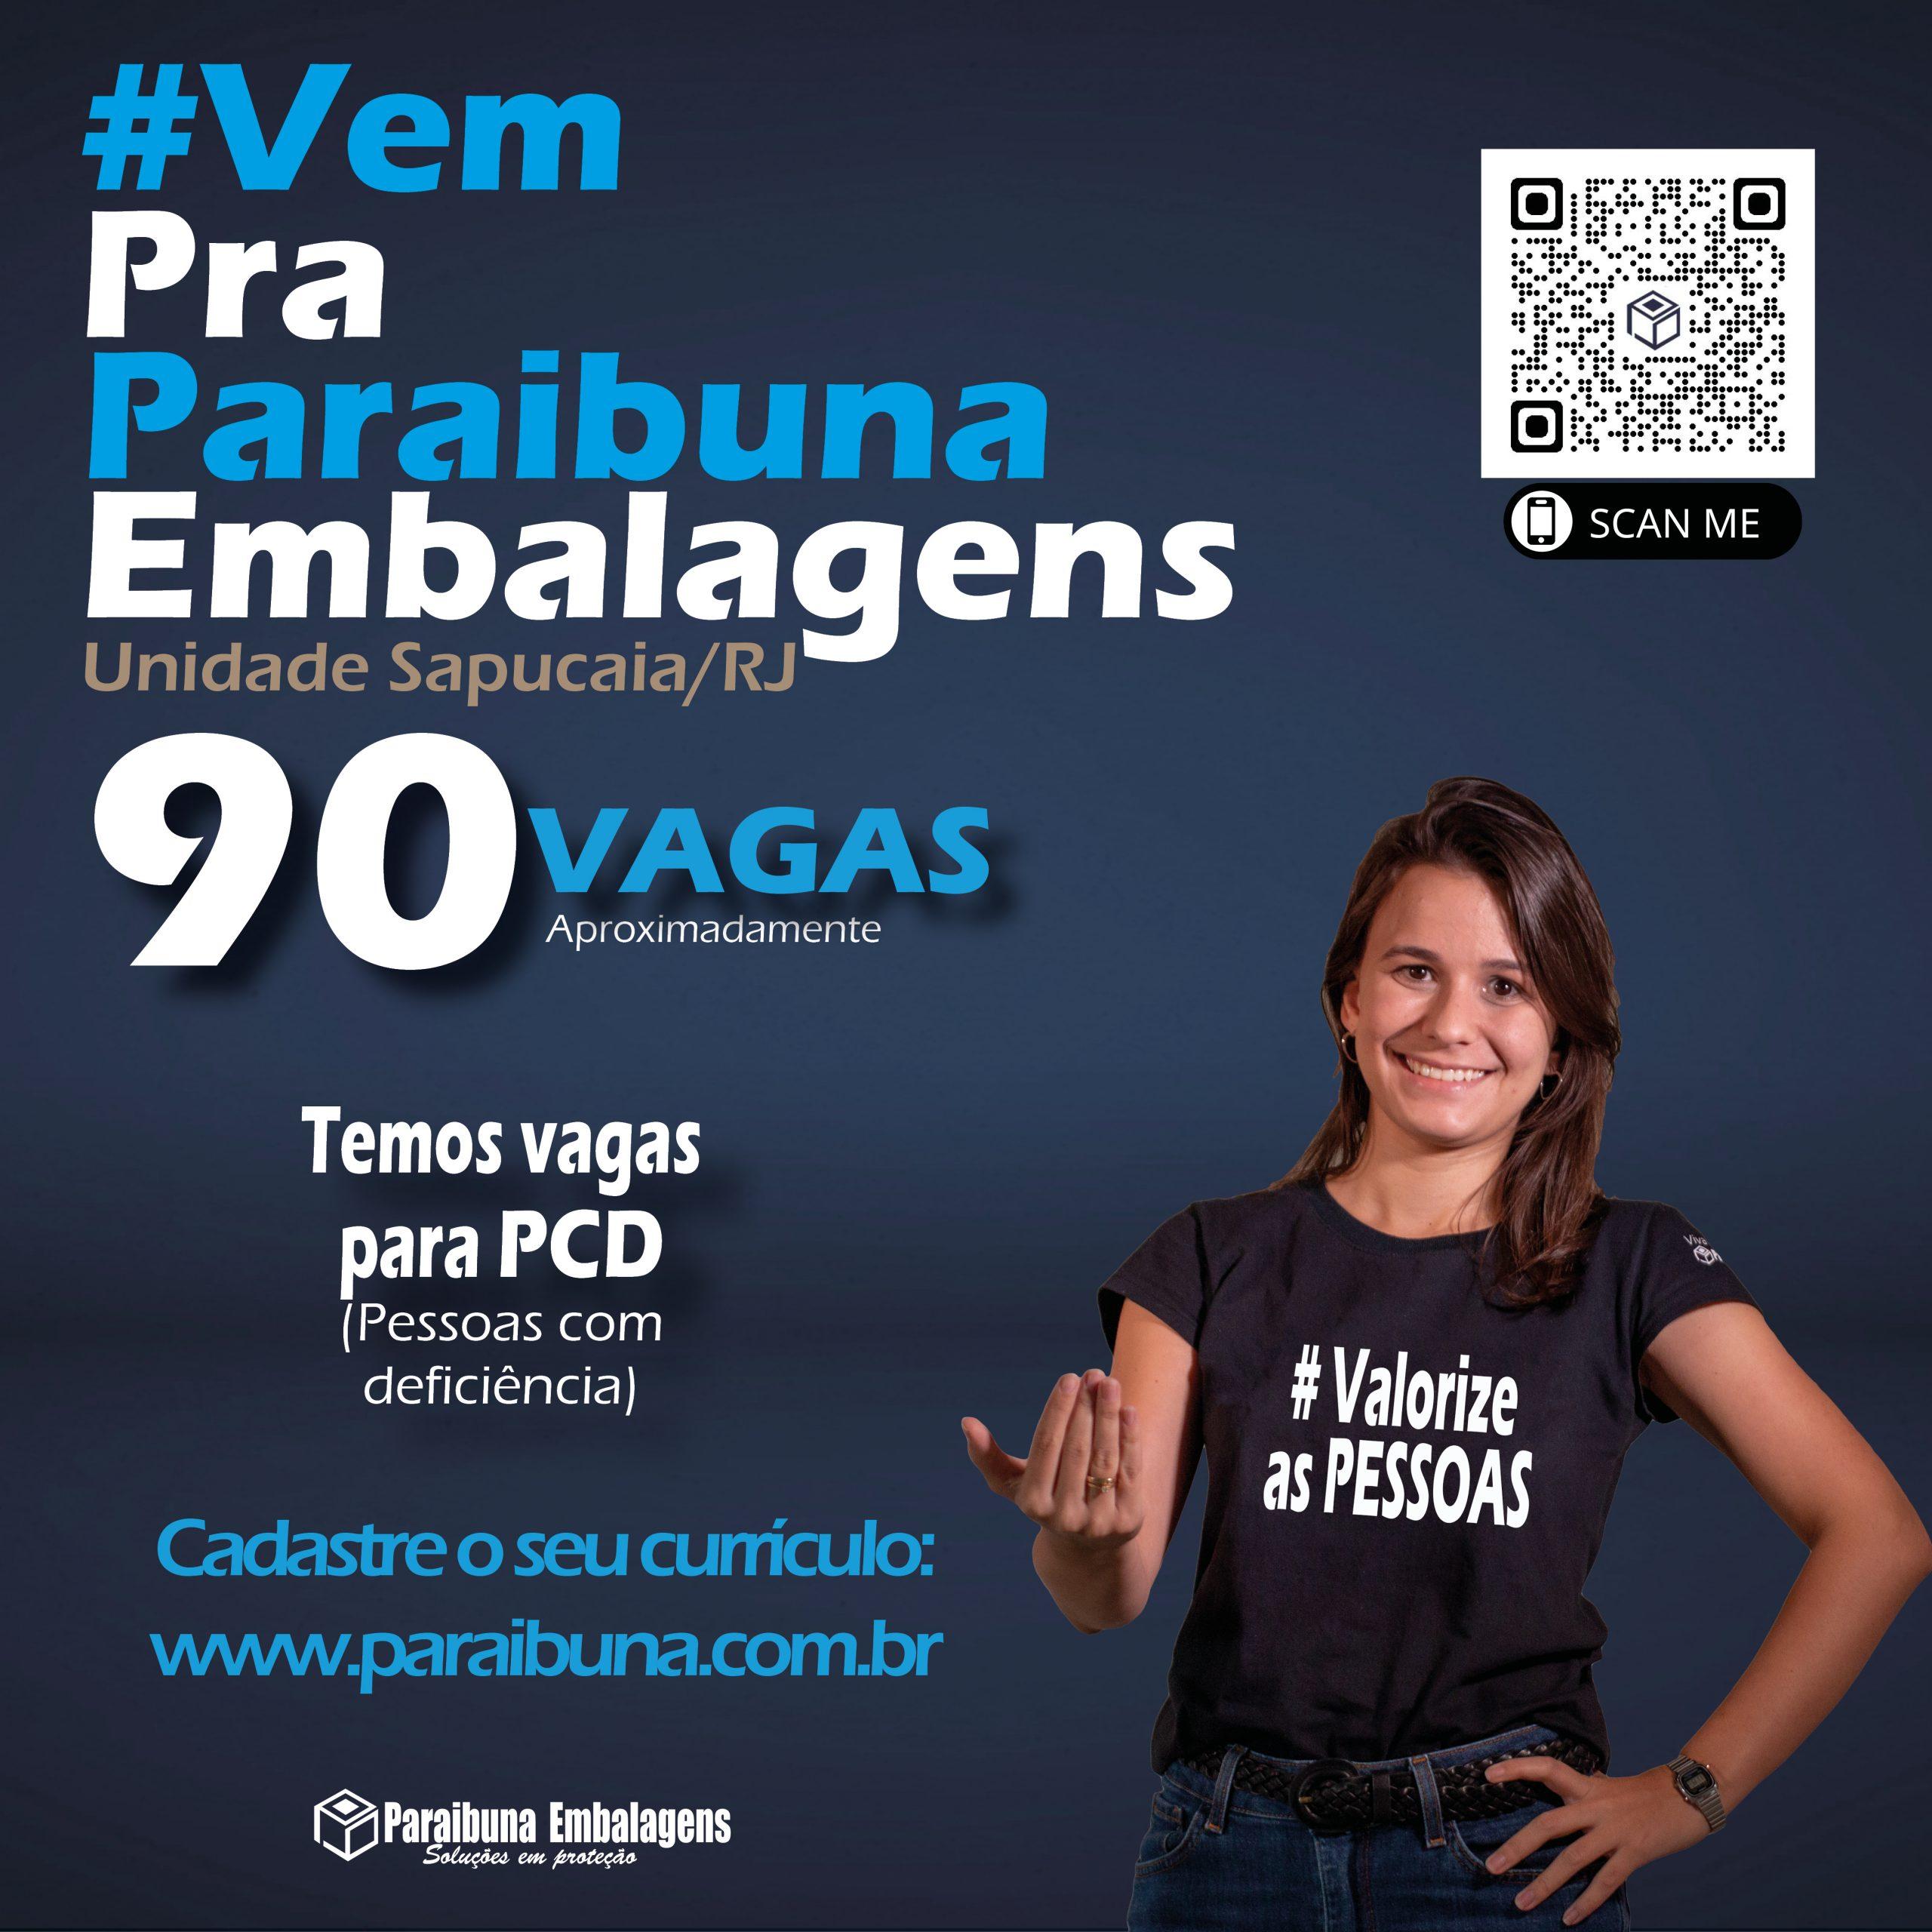 Paraibuna Embalagens está com aproximadamente 90 vagas de emprego: